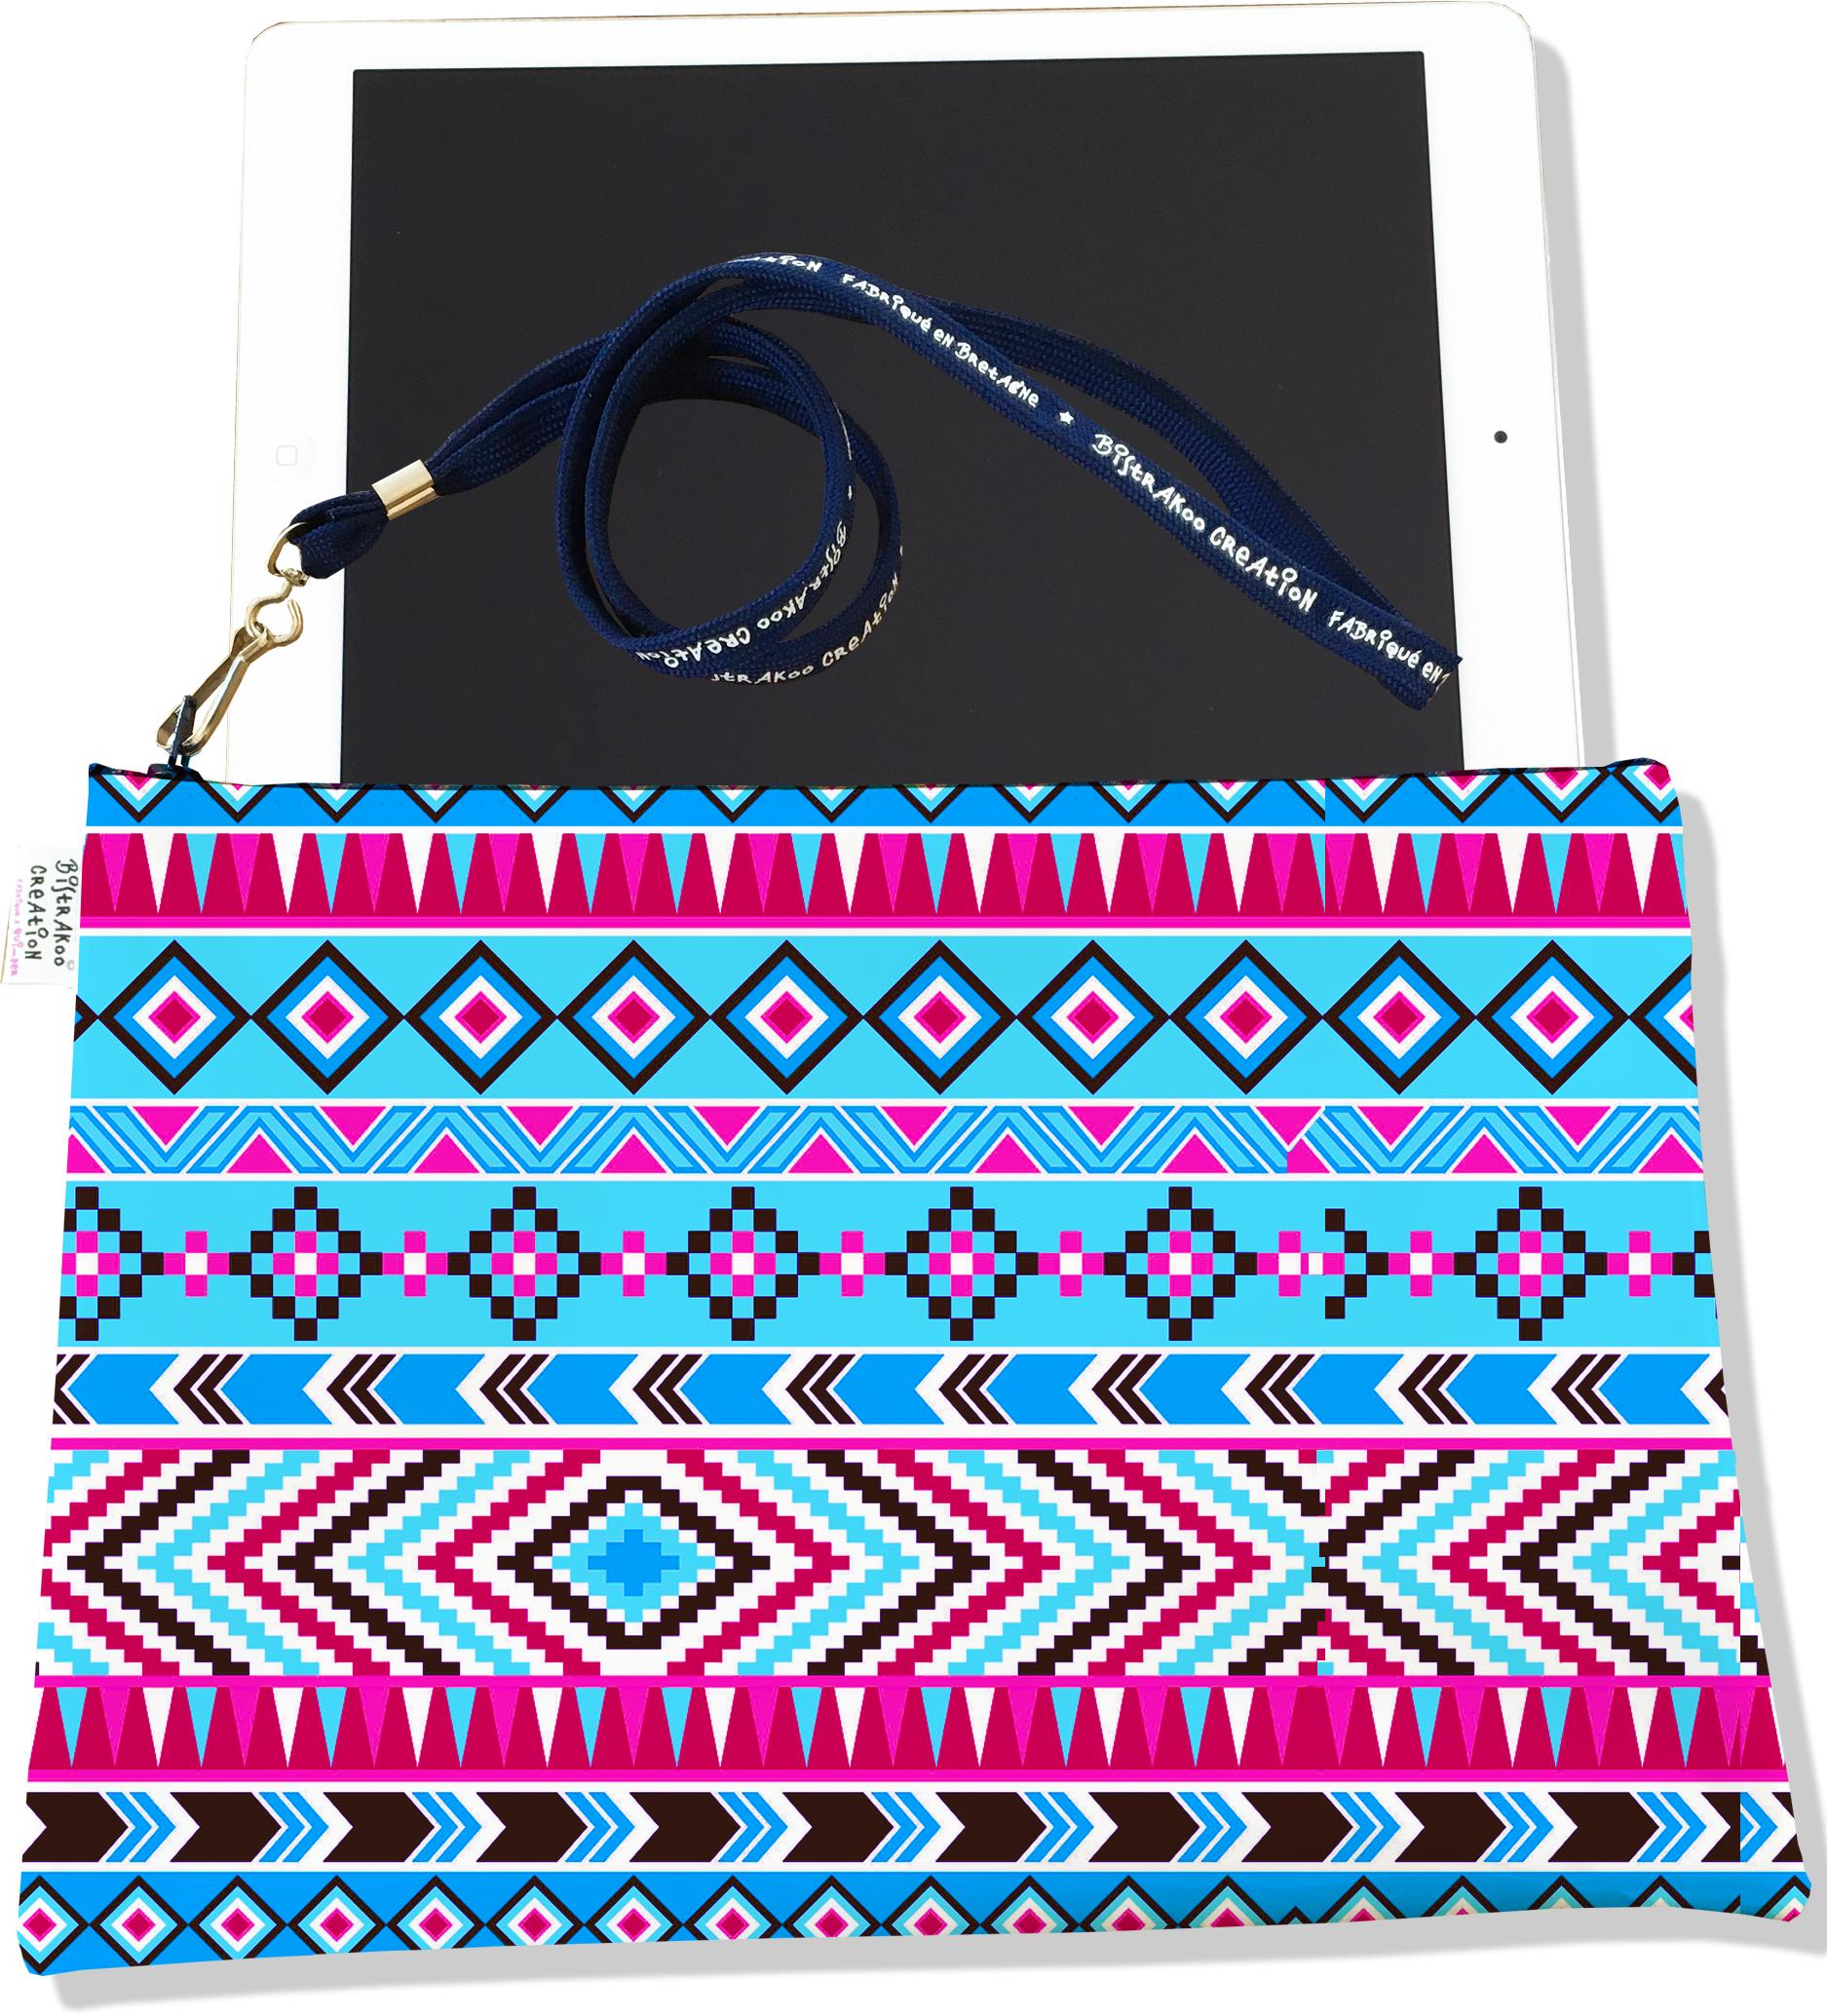 Housse pour tablette pour femme motif Ethnique bleu et rose 1995